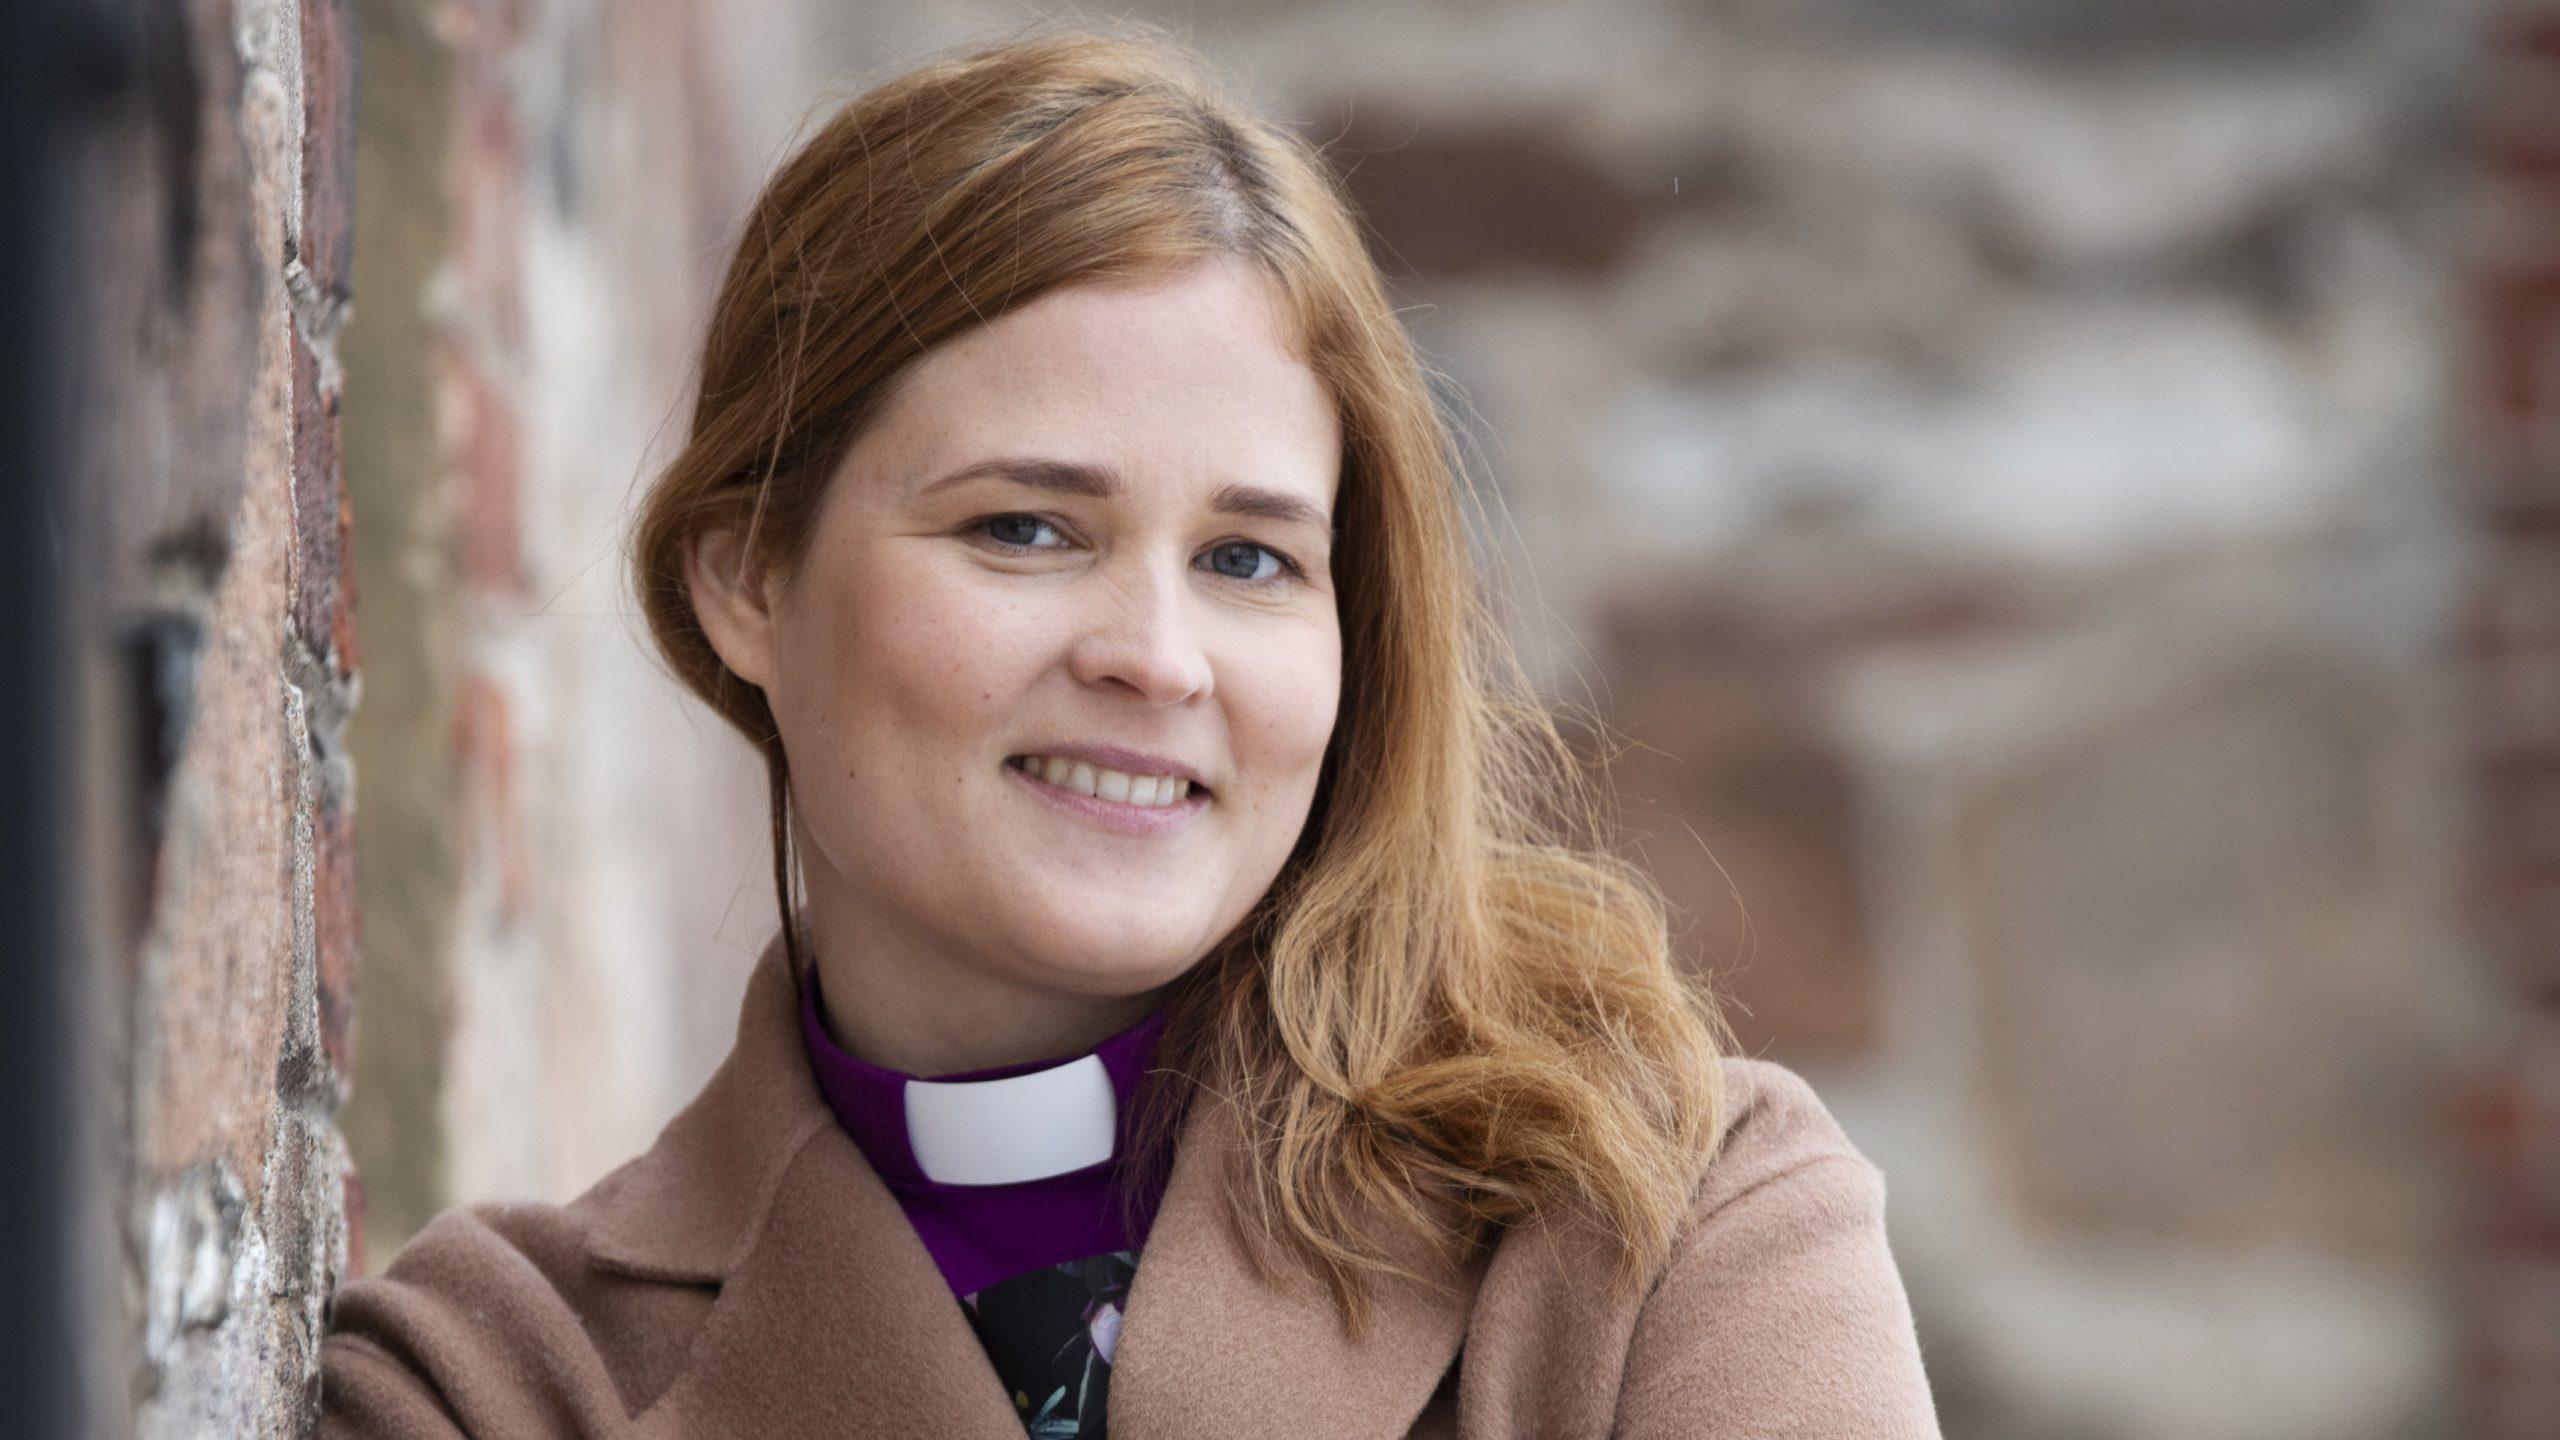 """Turun piispa Mari Leppänen koulutti aiemmassa työssään hiippakuntadekaanina muita kirkon työntekijöitä: """"Kannustin aina, että tehtäviin tarvitaan ihmisiä erilaisista taustoista."""""""